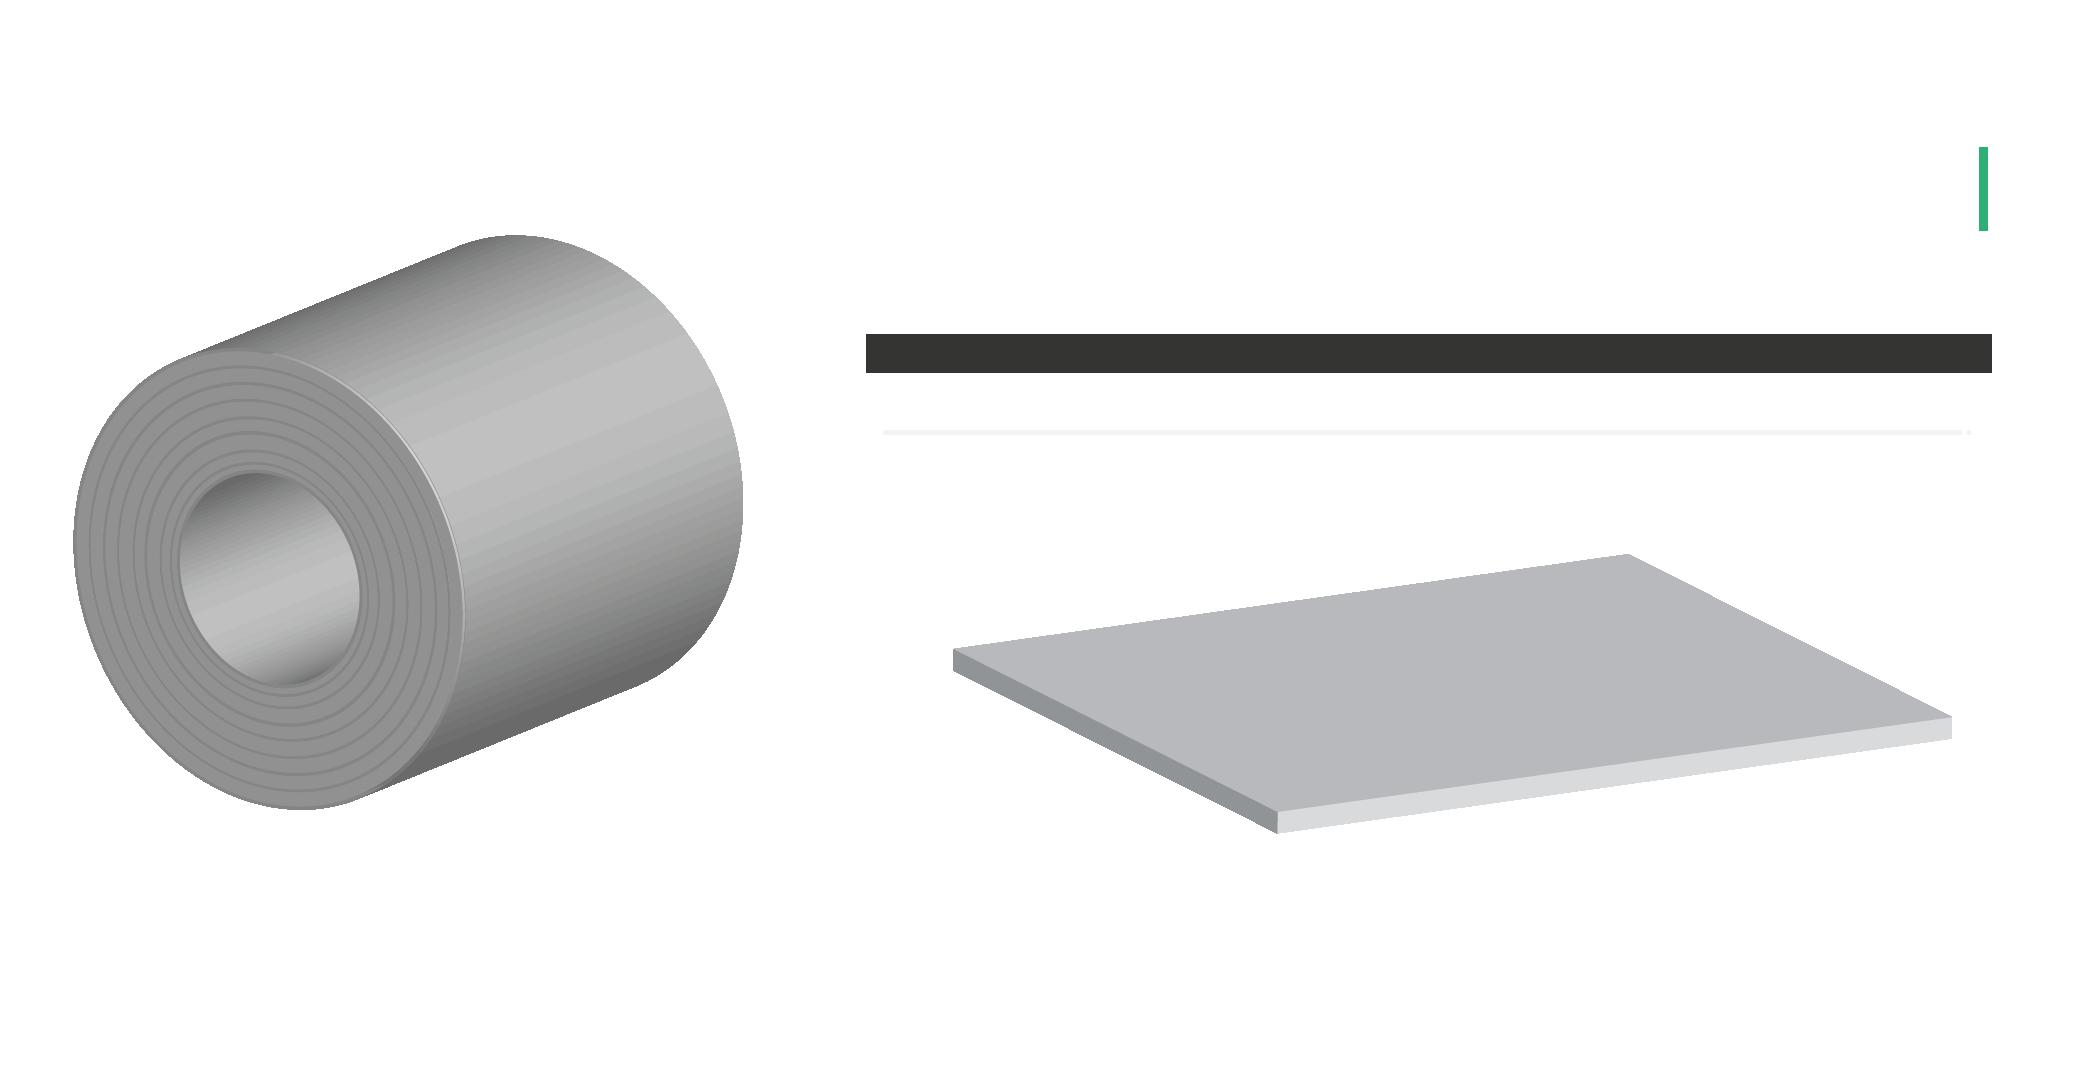 Lámina negra de acero, medidas del producto.